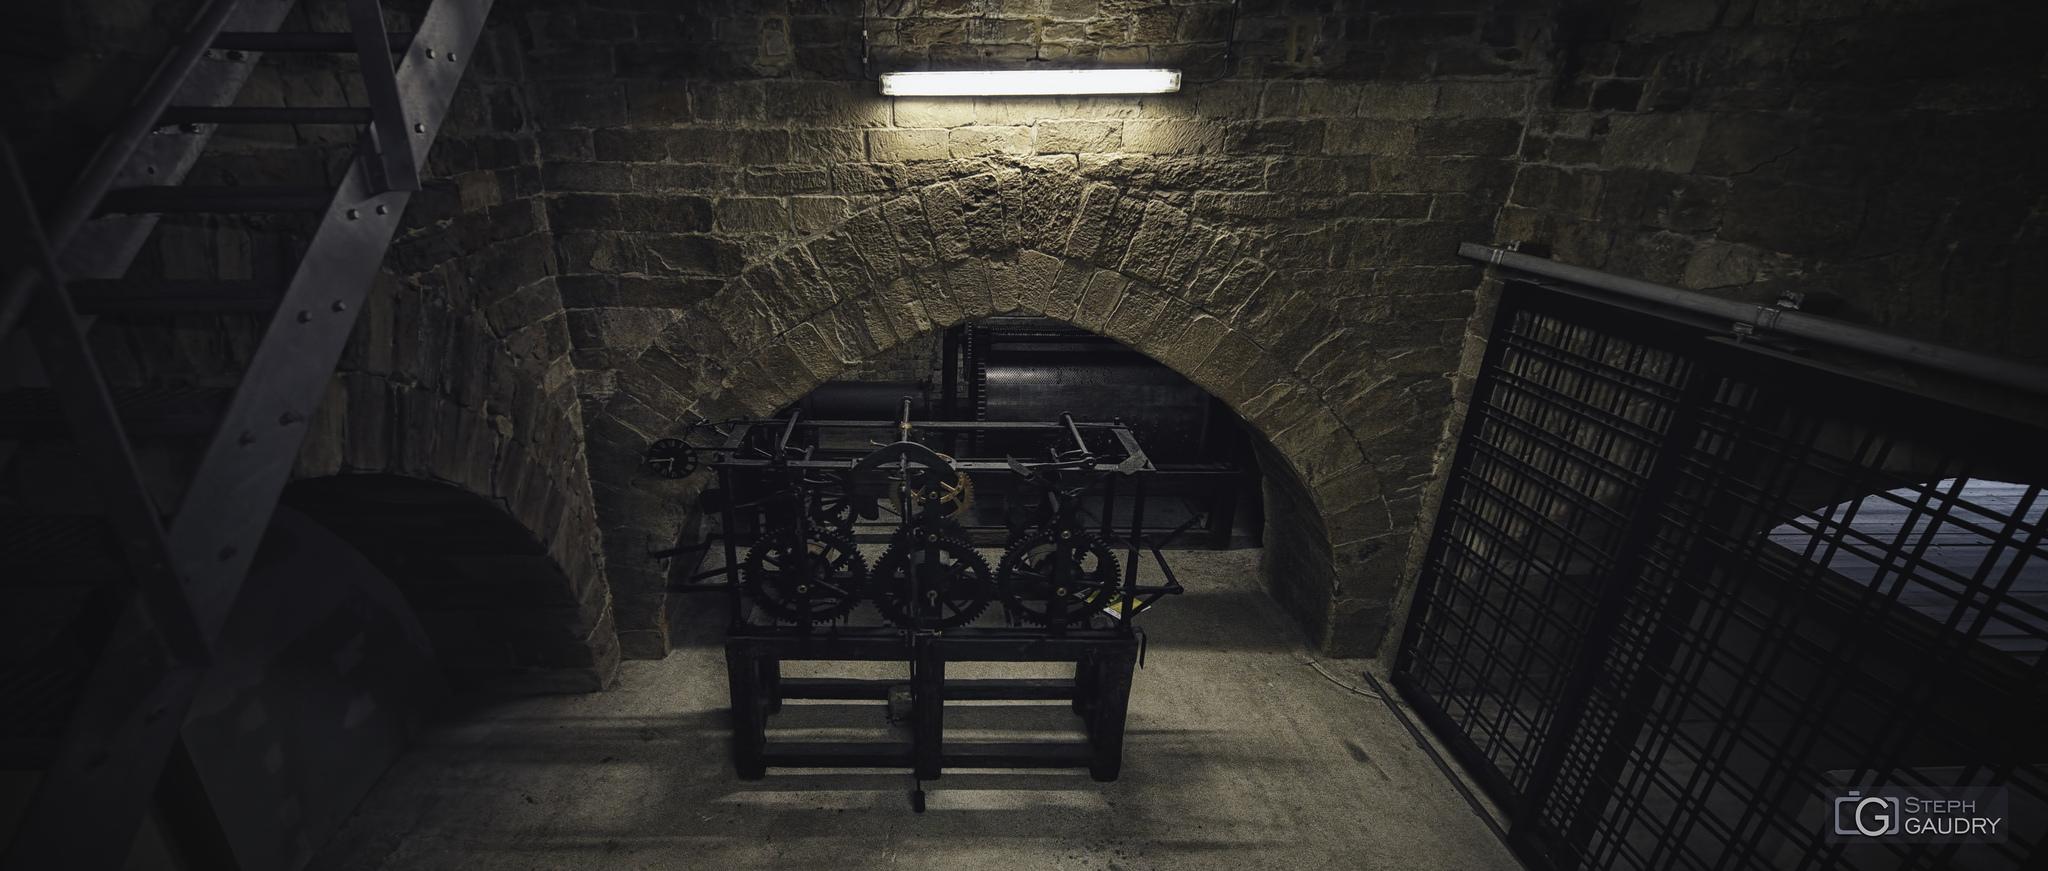 Carillon de la collégiale Saint-Barthélemy [Cliquez pour lancer le diaporama]